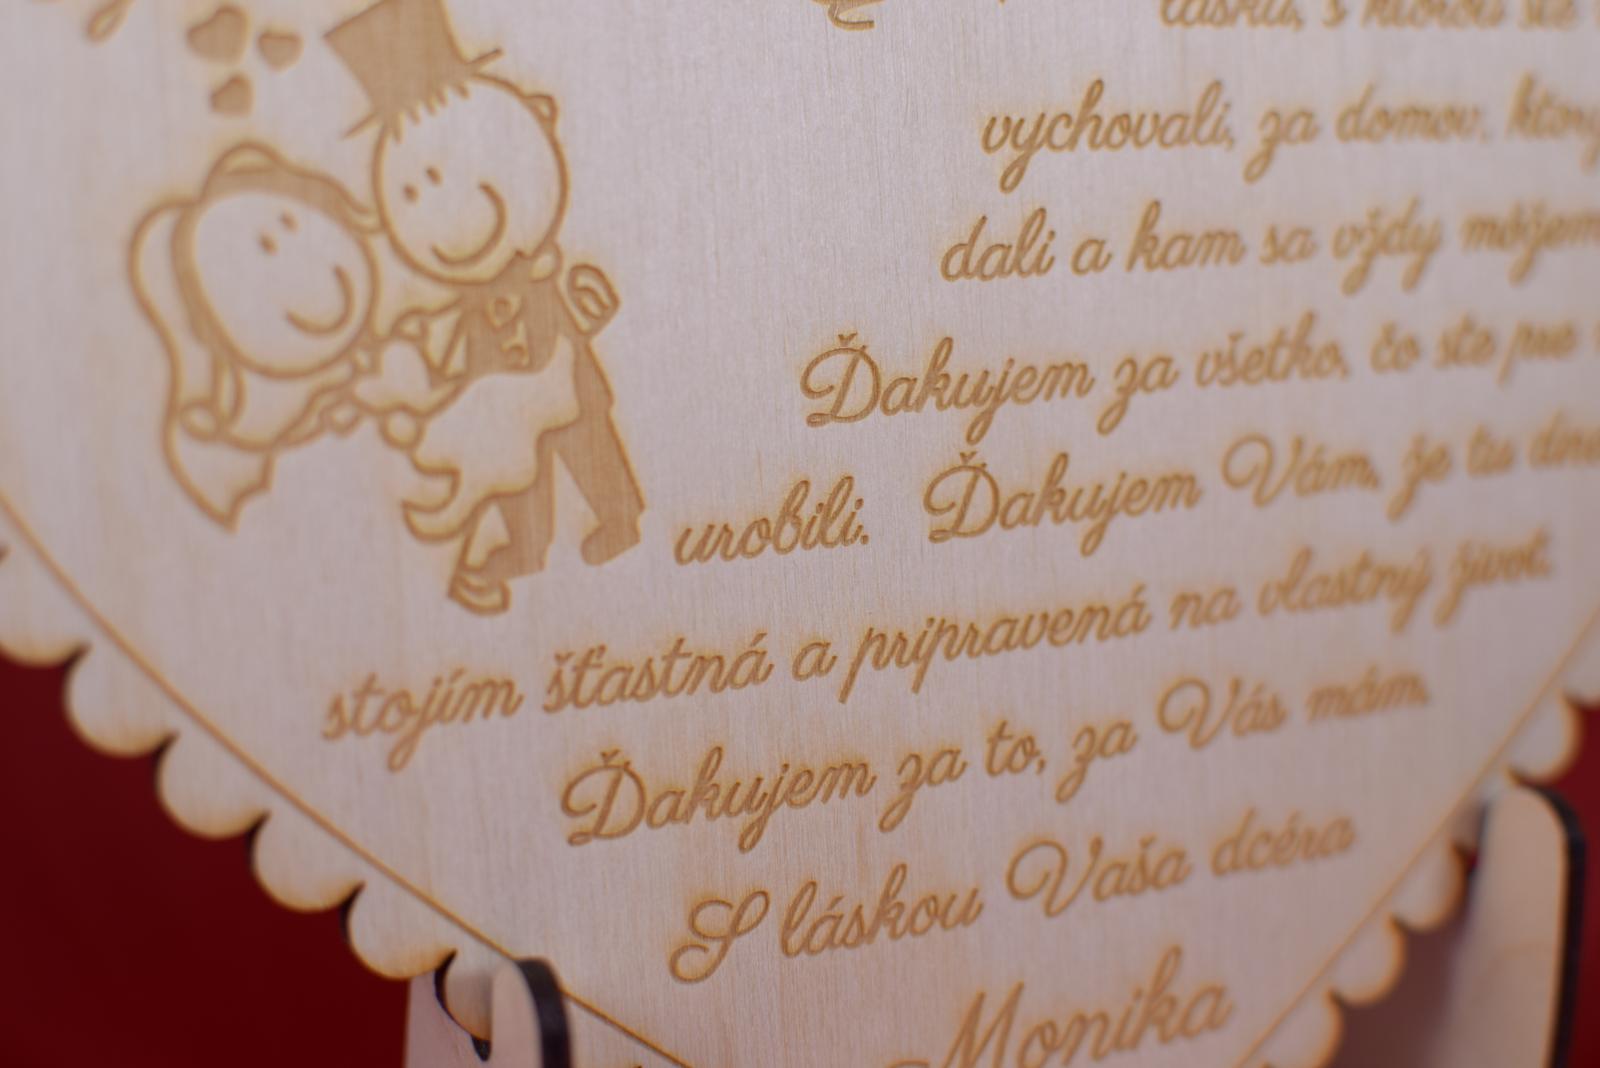 Drevené gravírované srdiečko ako darček rodičom 42 - Obrázok č. 3